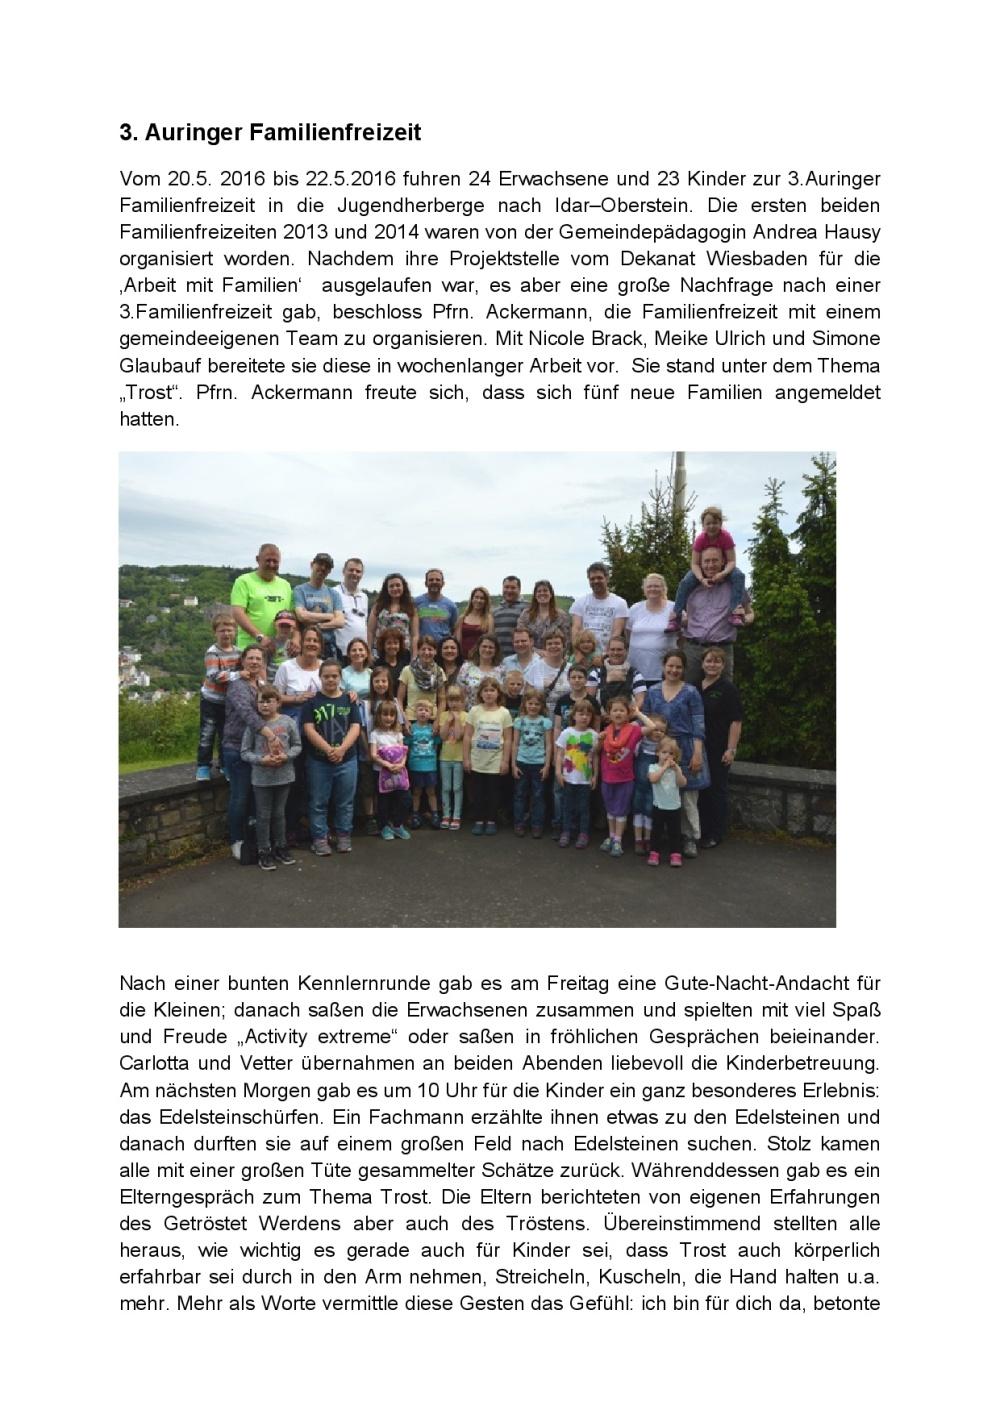 2016-05-20-3-auringer-fam-freizeit-001